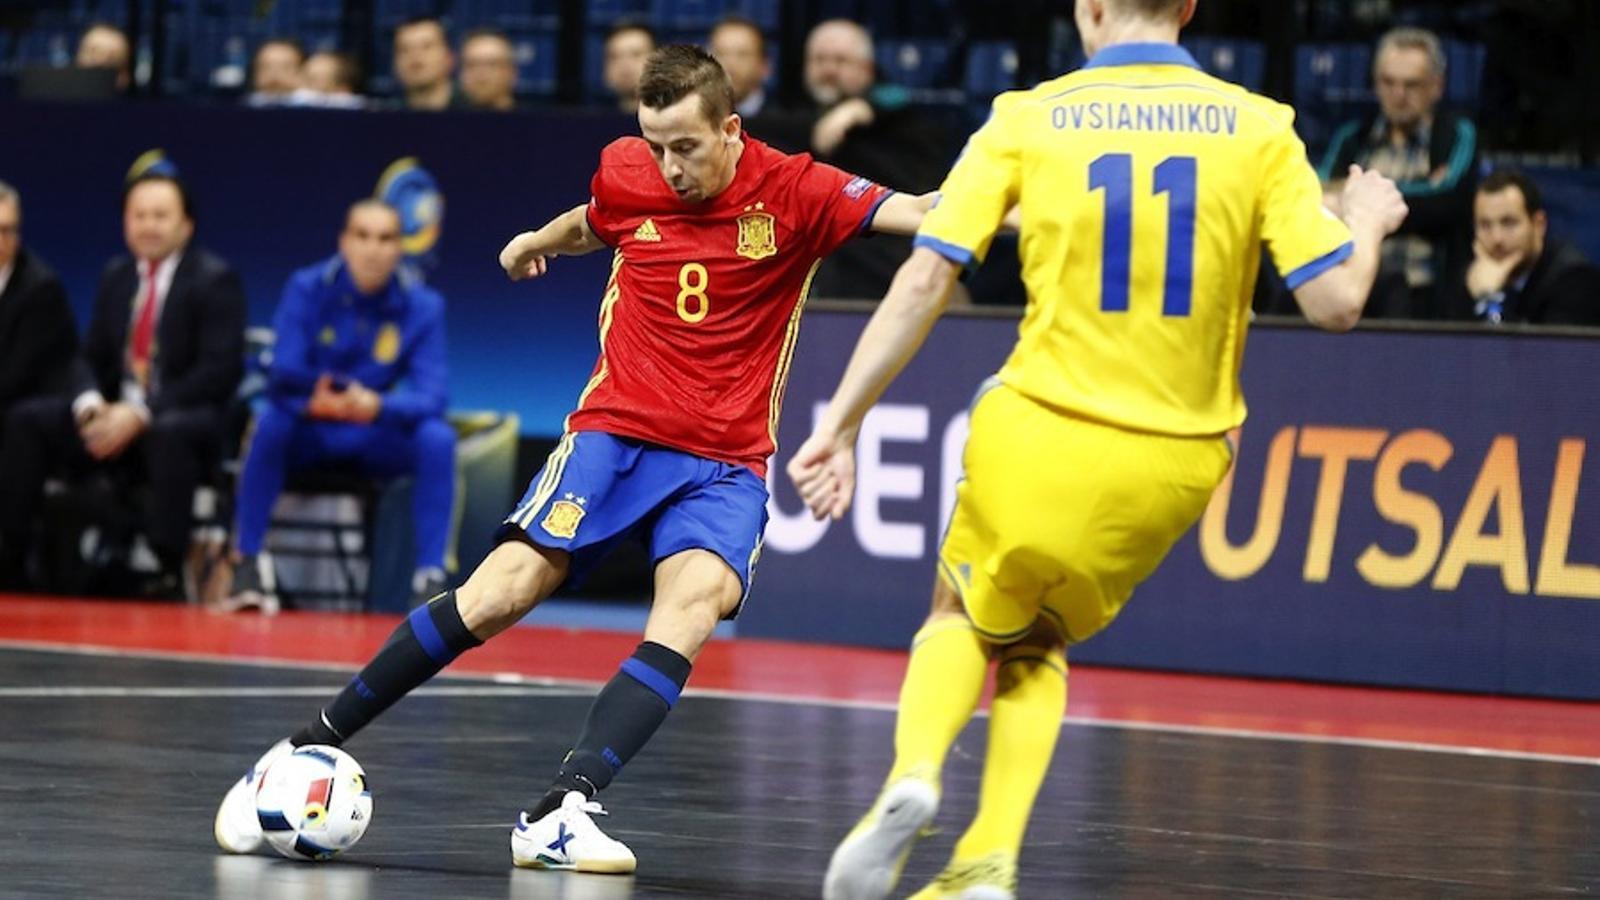 Lin, en una jugada de l'últim partit contra Ucraïna / CARMELO RUBIO / EFE